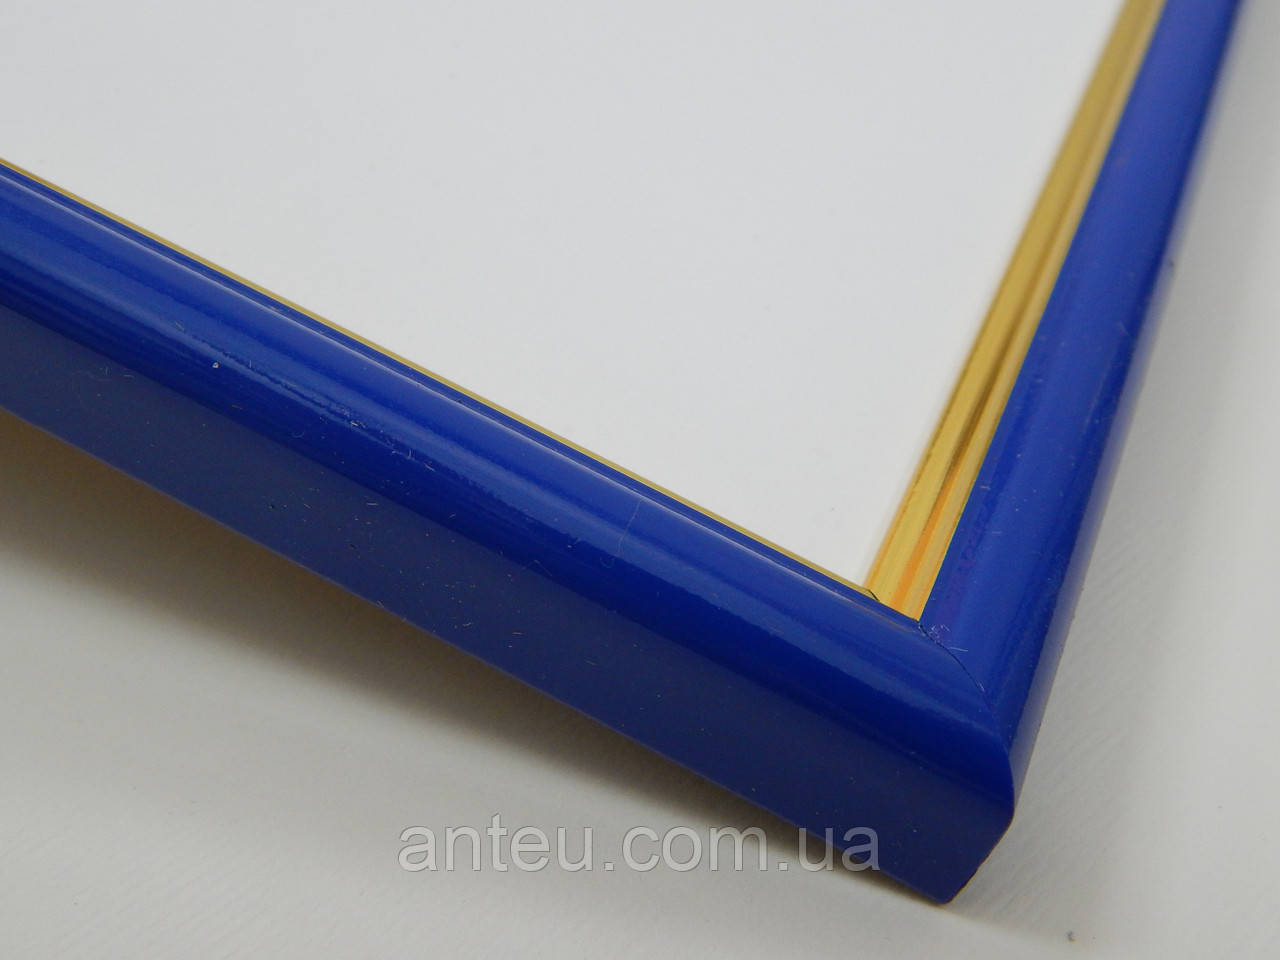 Рамка А4 (210х297).Рамка пластиковая 14 мм.Синий с золотой окантовкой